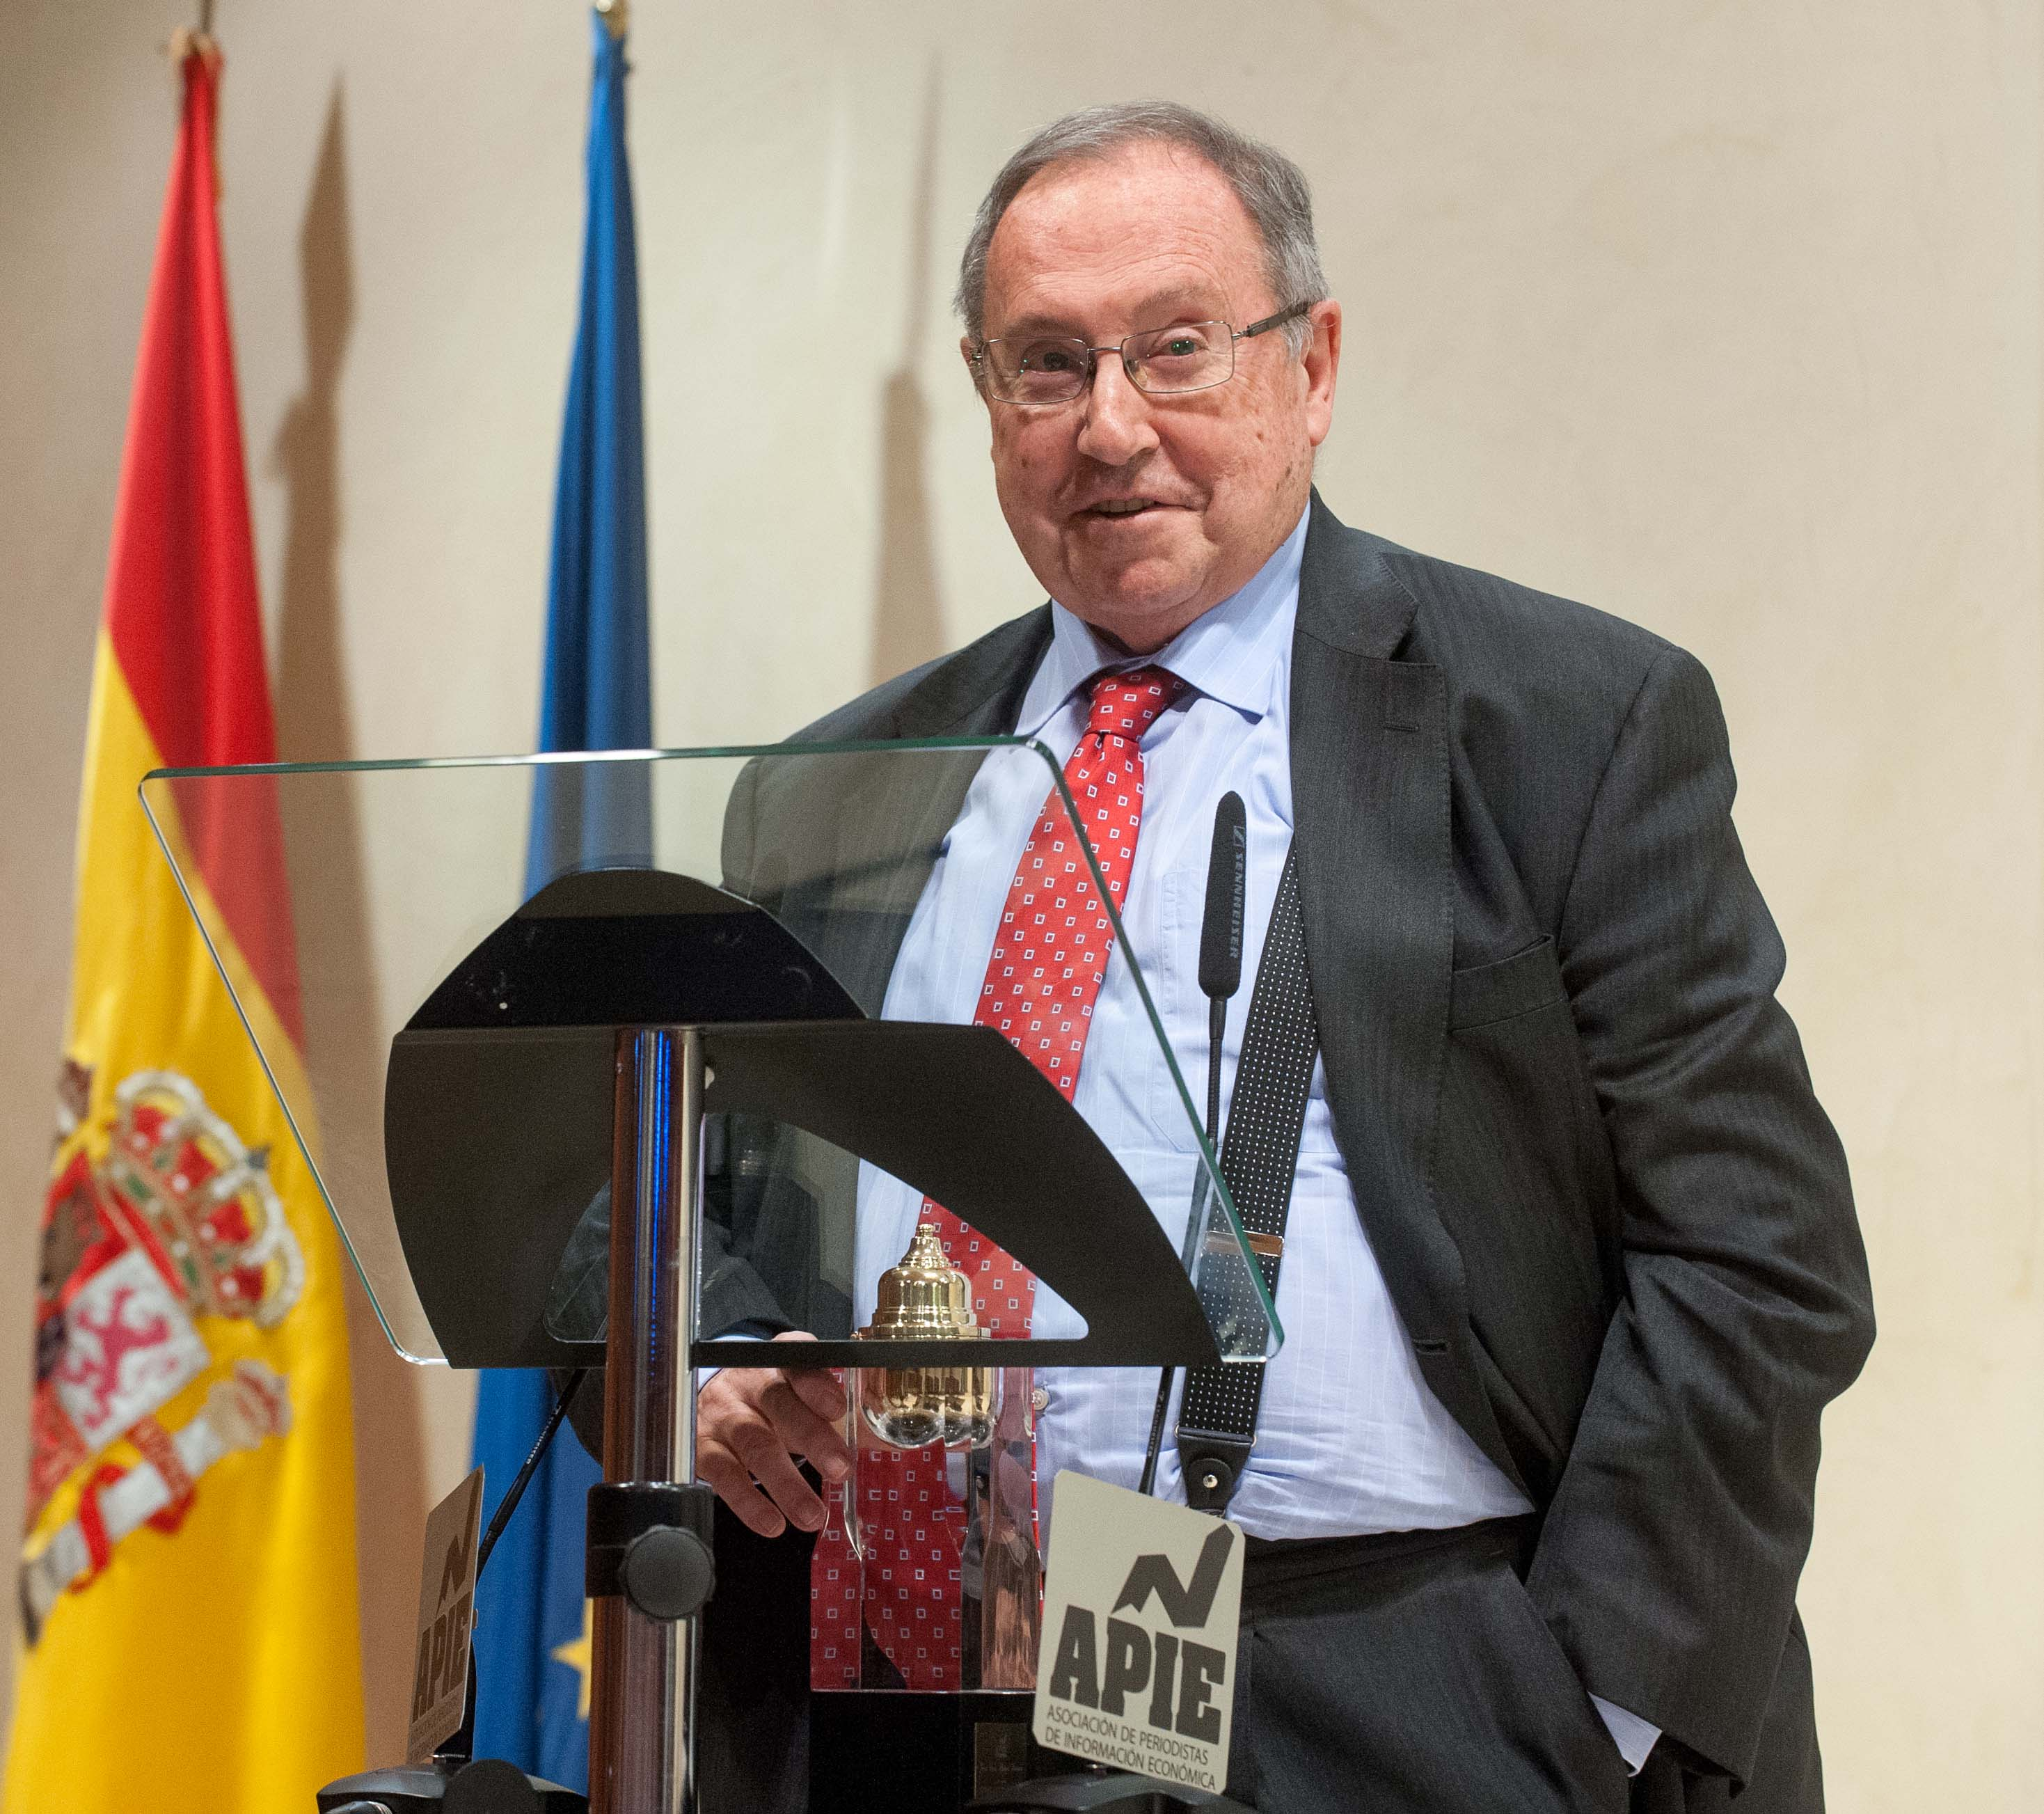 Jose Luis Bonet, presidente de Freixenet y de la Cámara Oficial de Comercio, Industria, Servicios y Navegación de España, durante sus palabras de agradecimiento tras recibir el premio Tintero.